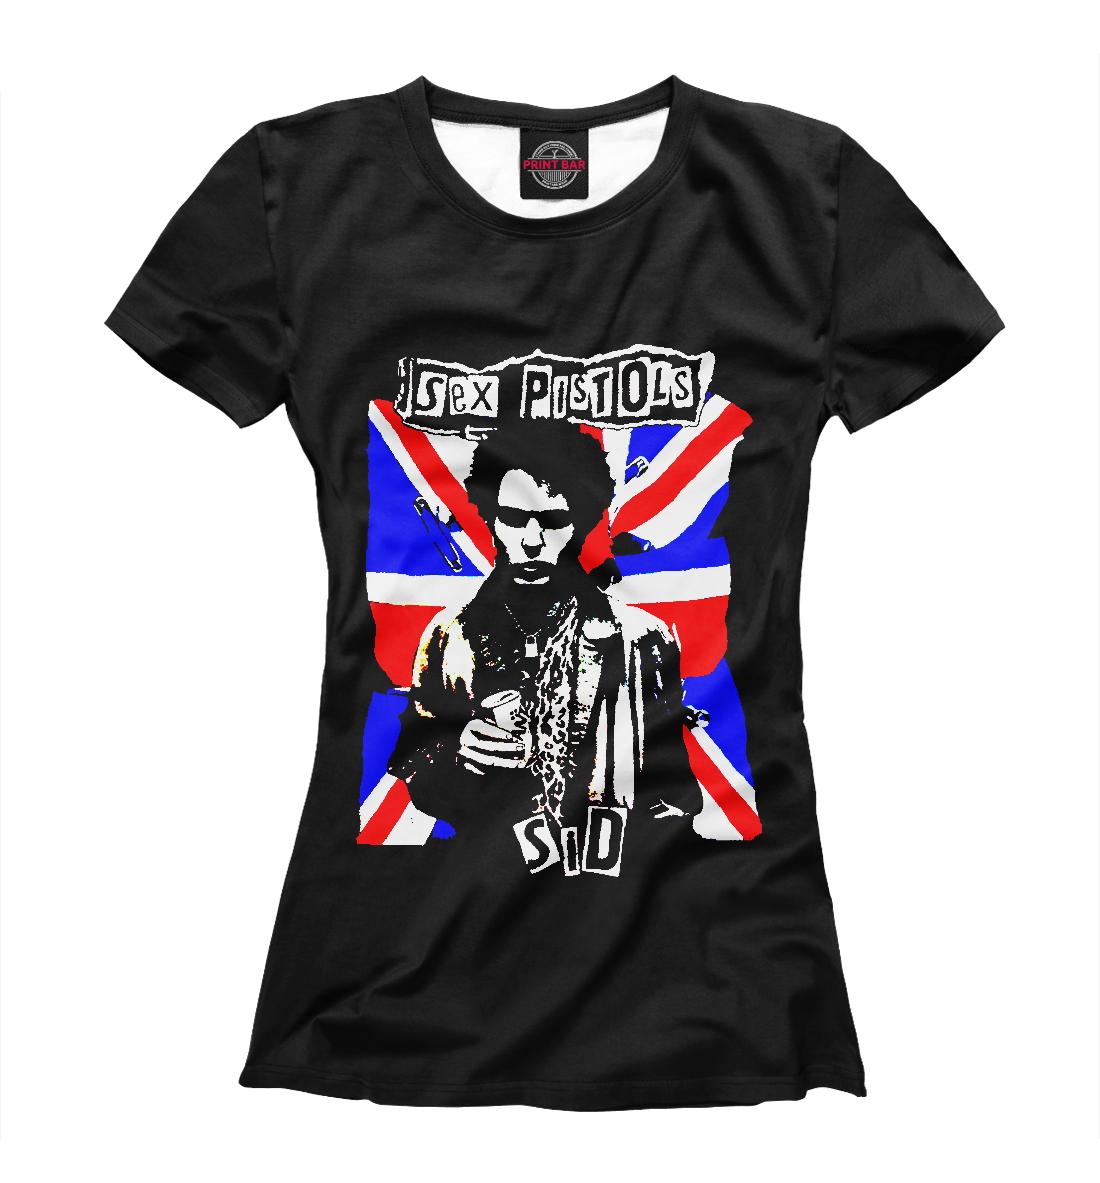 Купить Sex Pistols, Printbar, Футболки, MZK-402797-fut-1